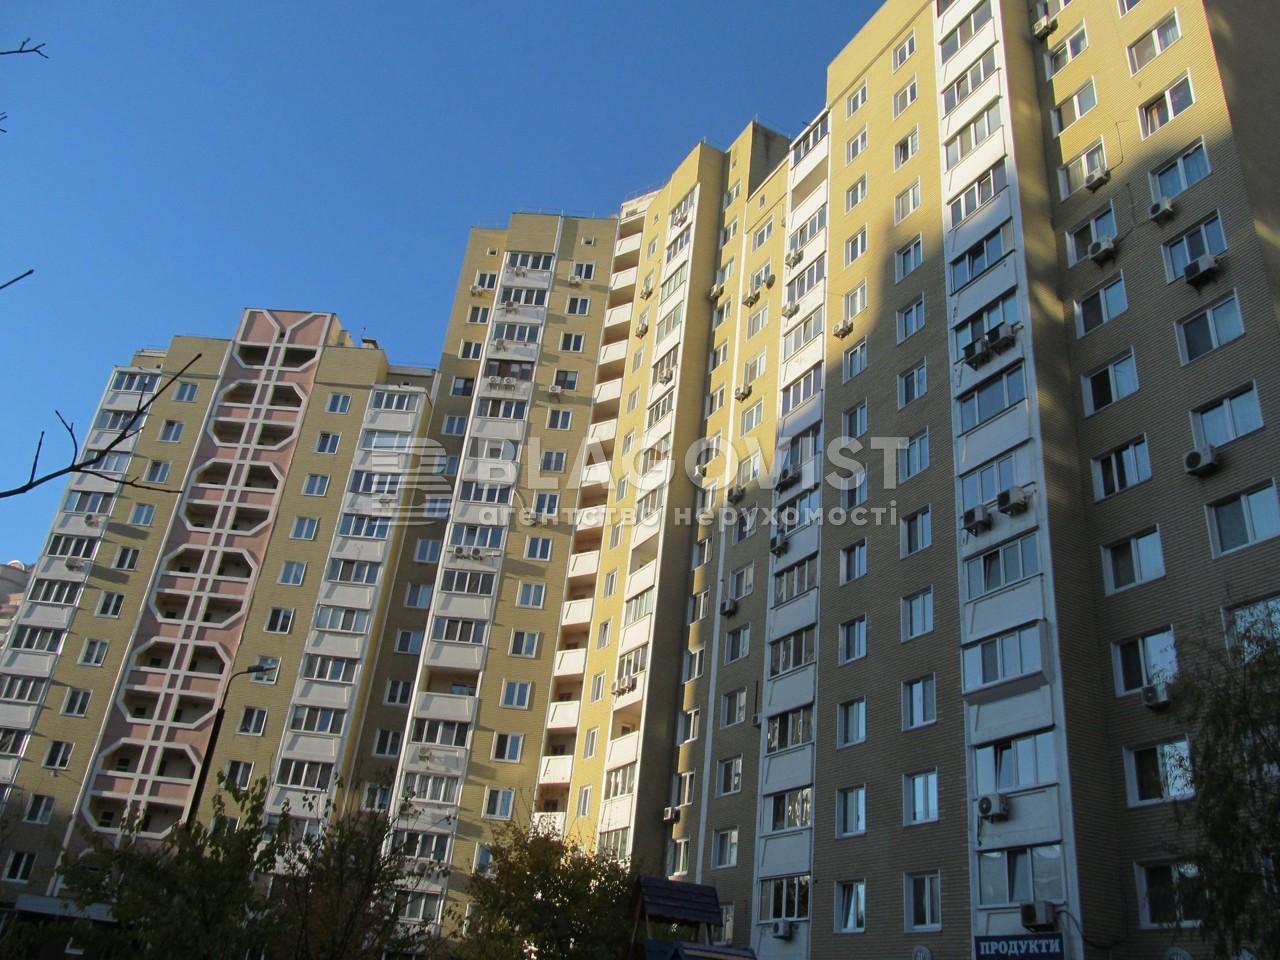 Квартира F-43945, Гонгадзе (Машиностроительная), 21а, Киев - Фото 3